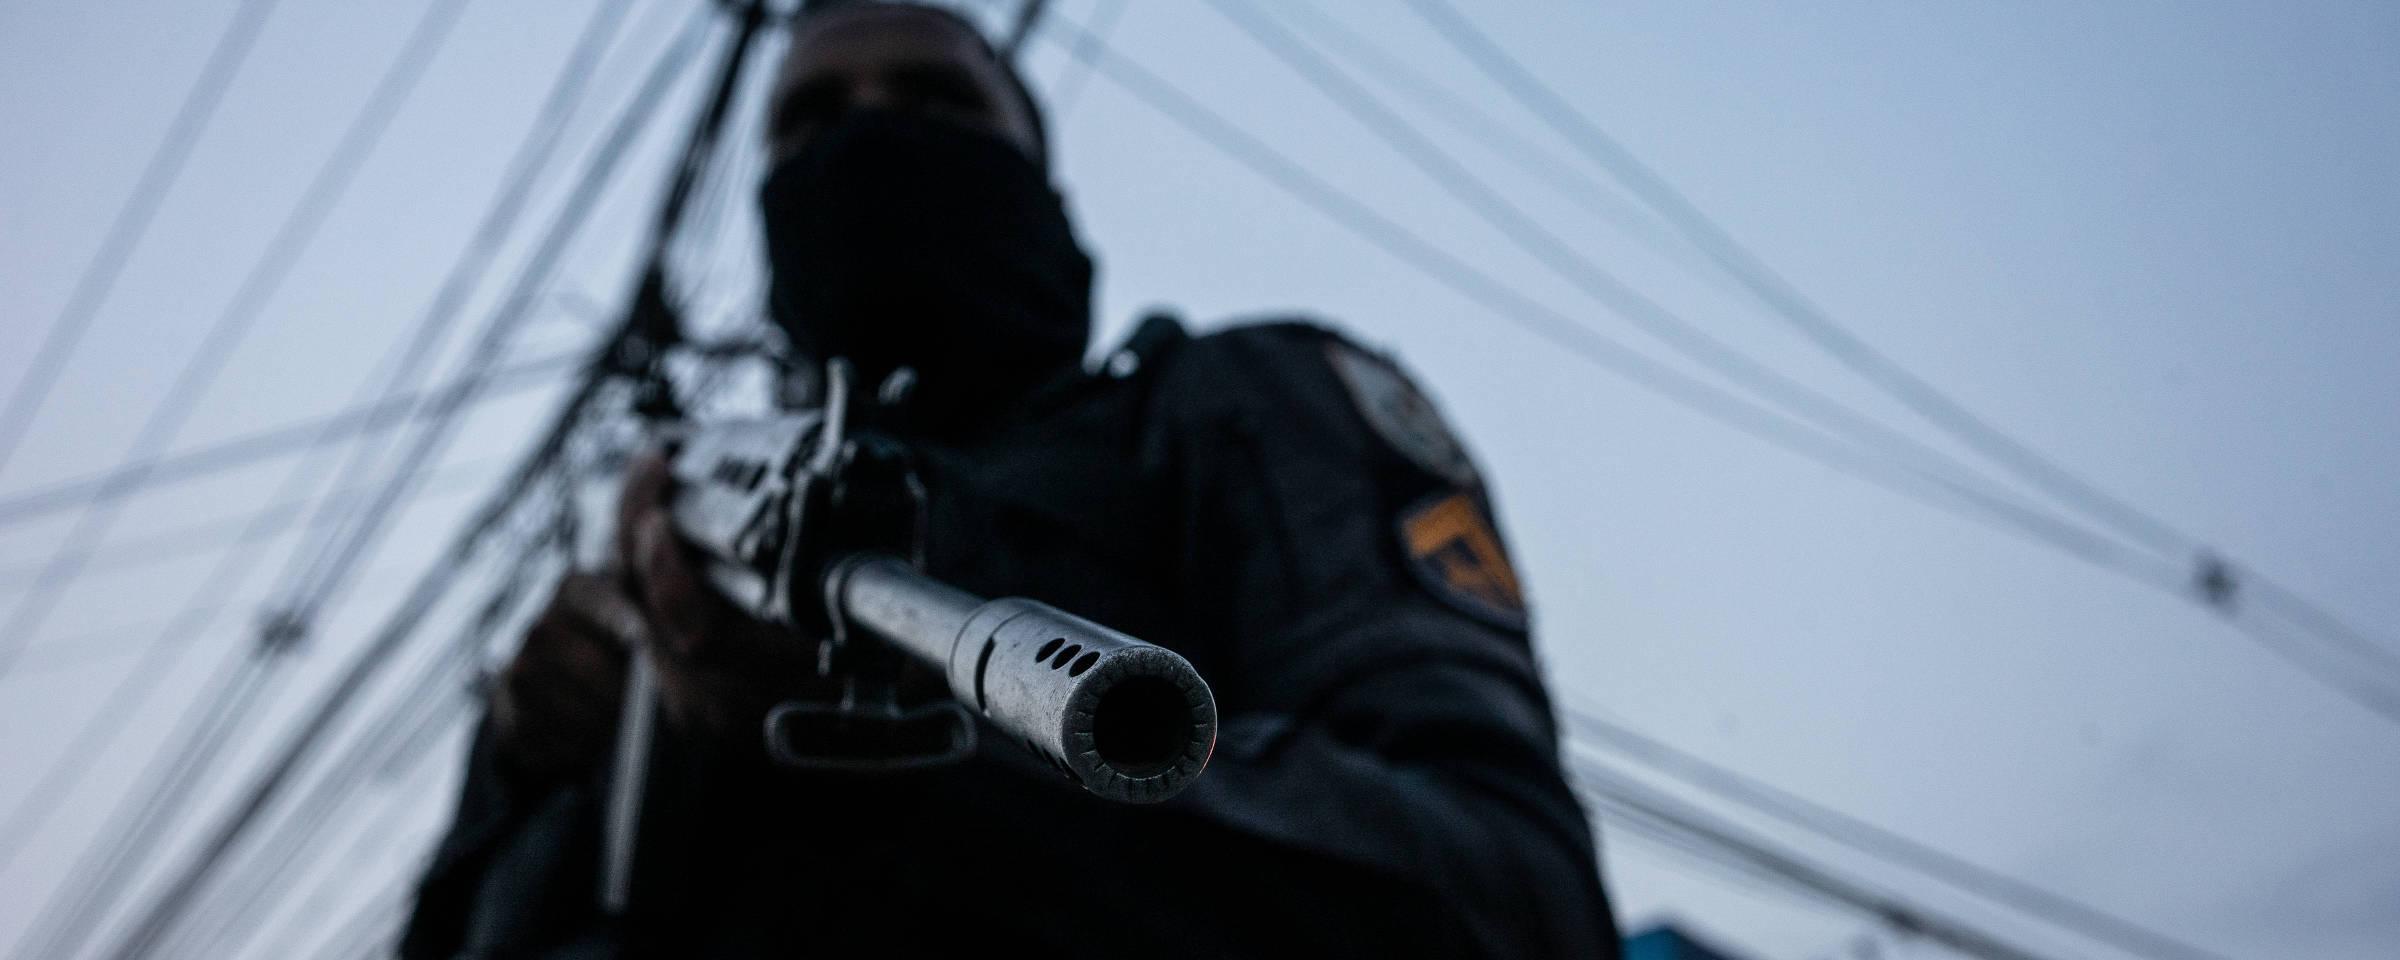 Policial militar durante patrulhamento no Complexo do Alemão, na zona norte do Rio Tércio Teixeira/Folhapres